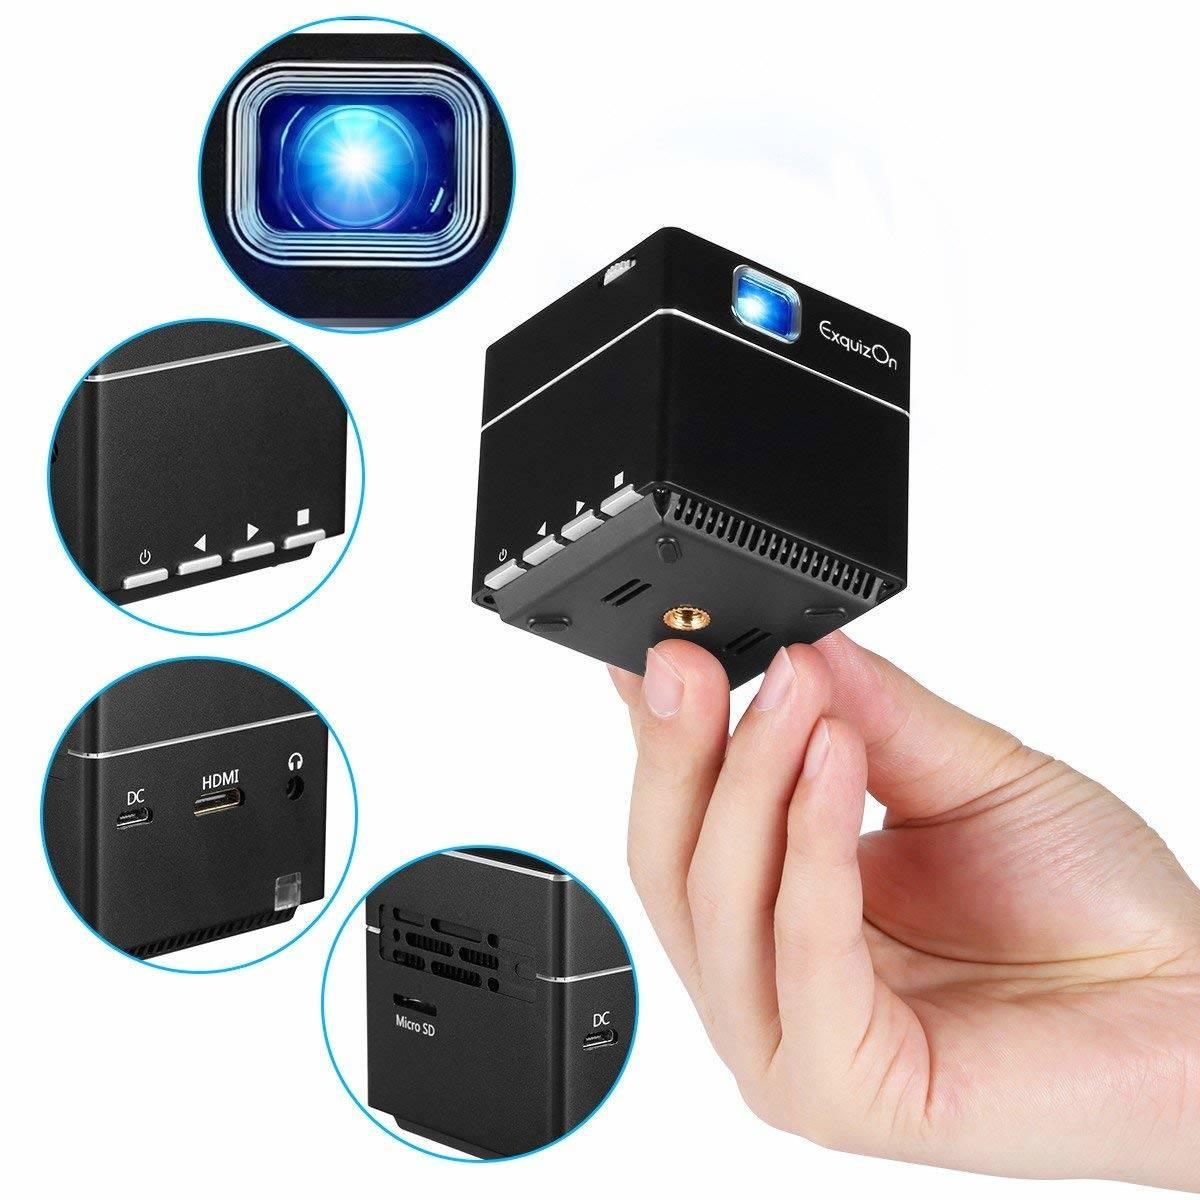 ExquizOn Mini Vidéoprojecteur HD, S6 Projecteur DLP 1080P